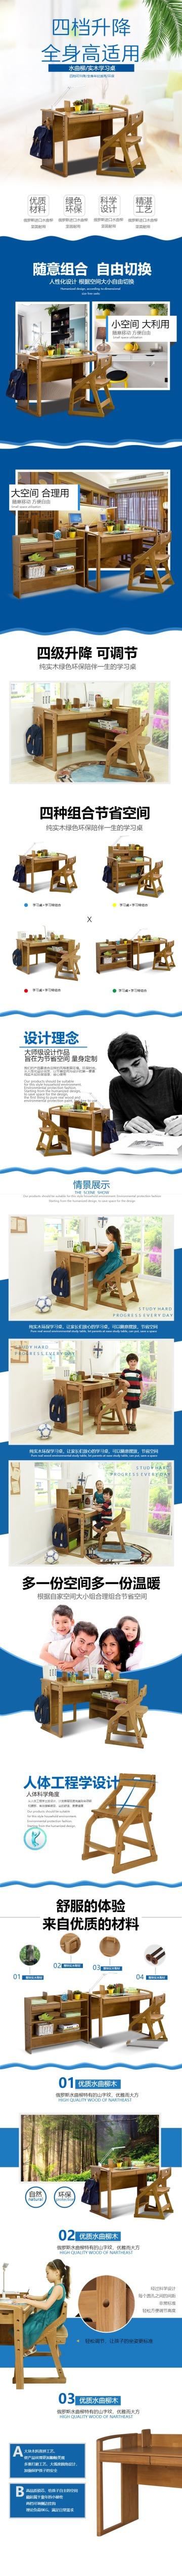 清新简约百货零售家居生活家具书桌桌子促销电商详情页